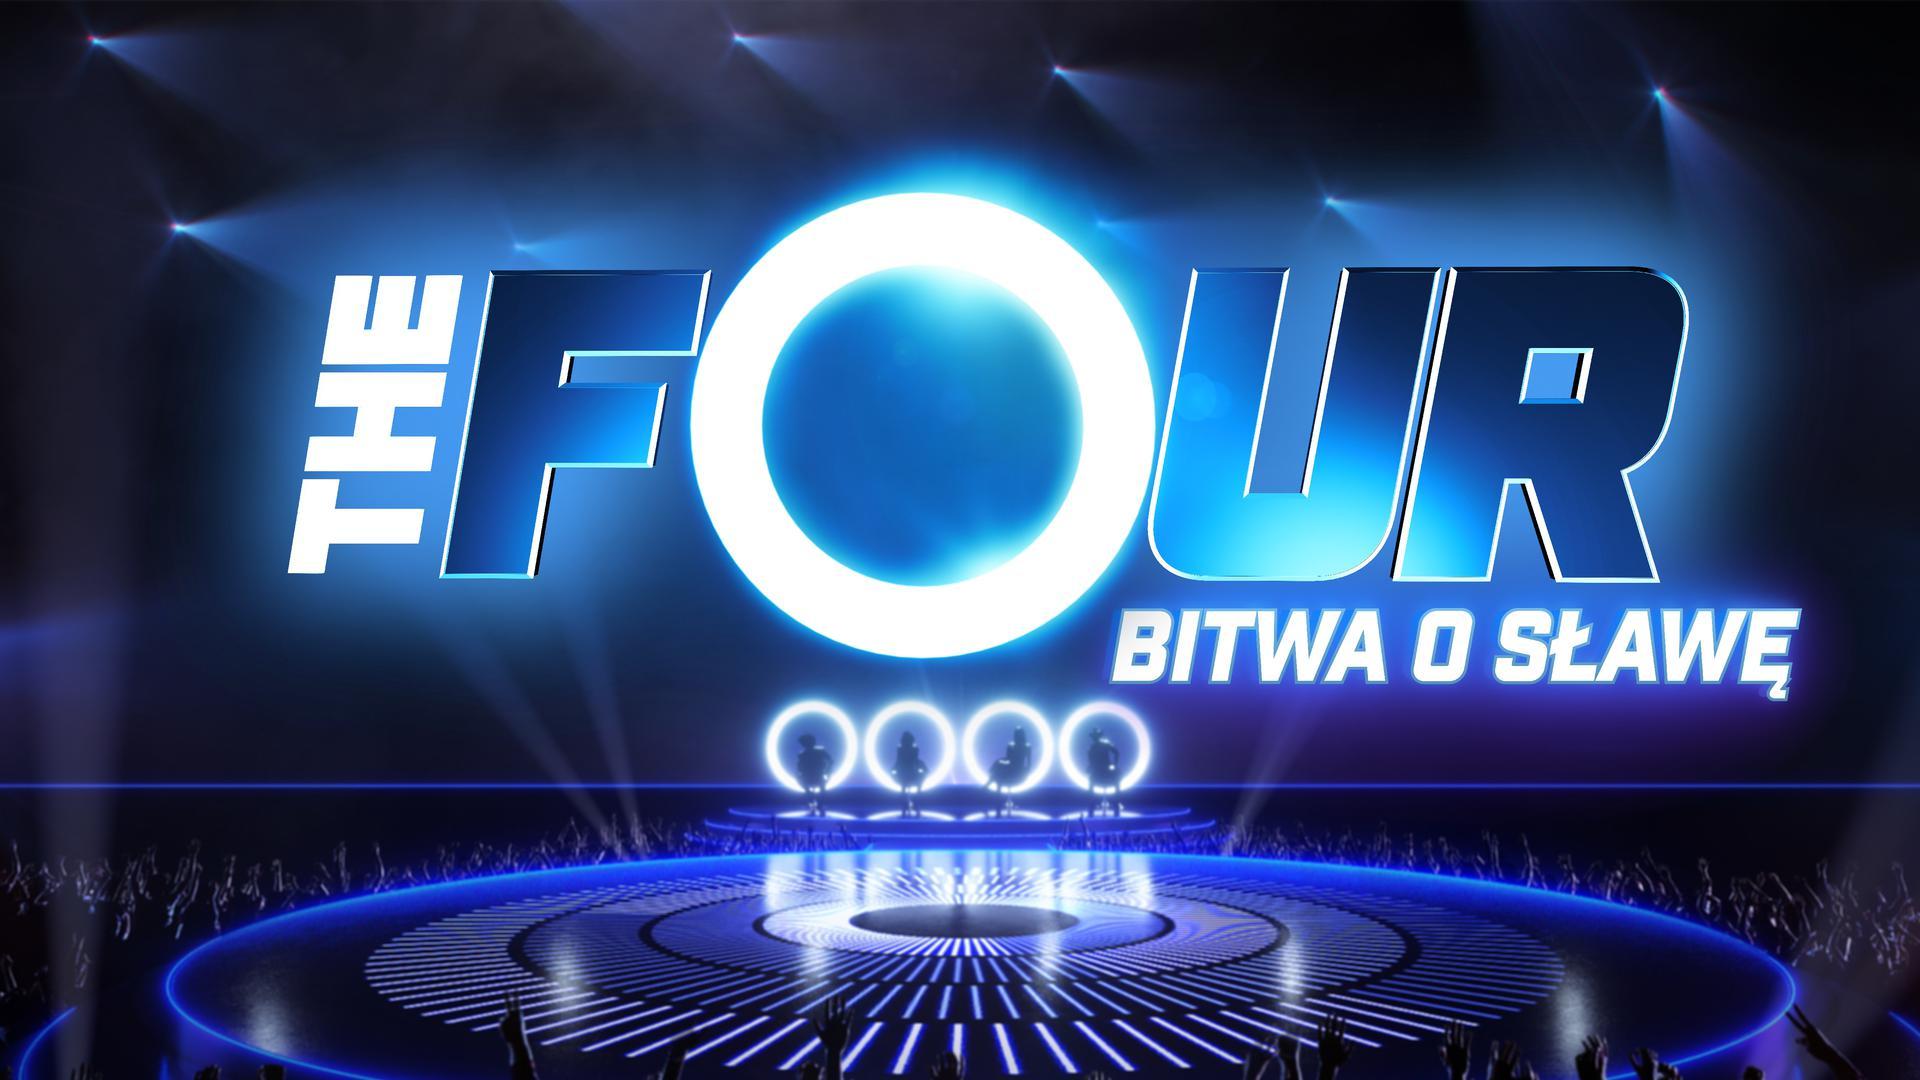 Spektakl Wielka Sawa To art w Jarocinie - 19.11.2020 - bilety